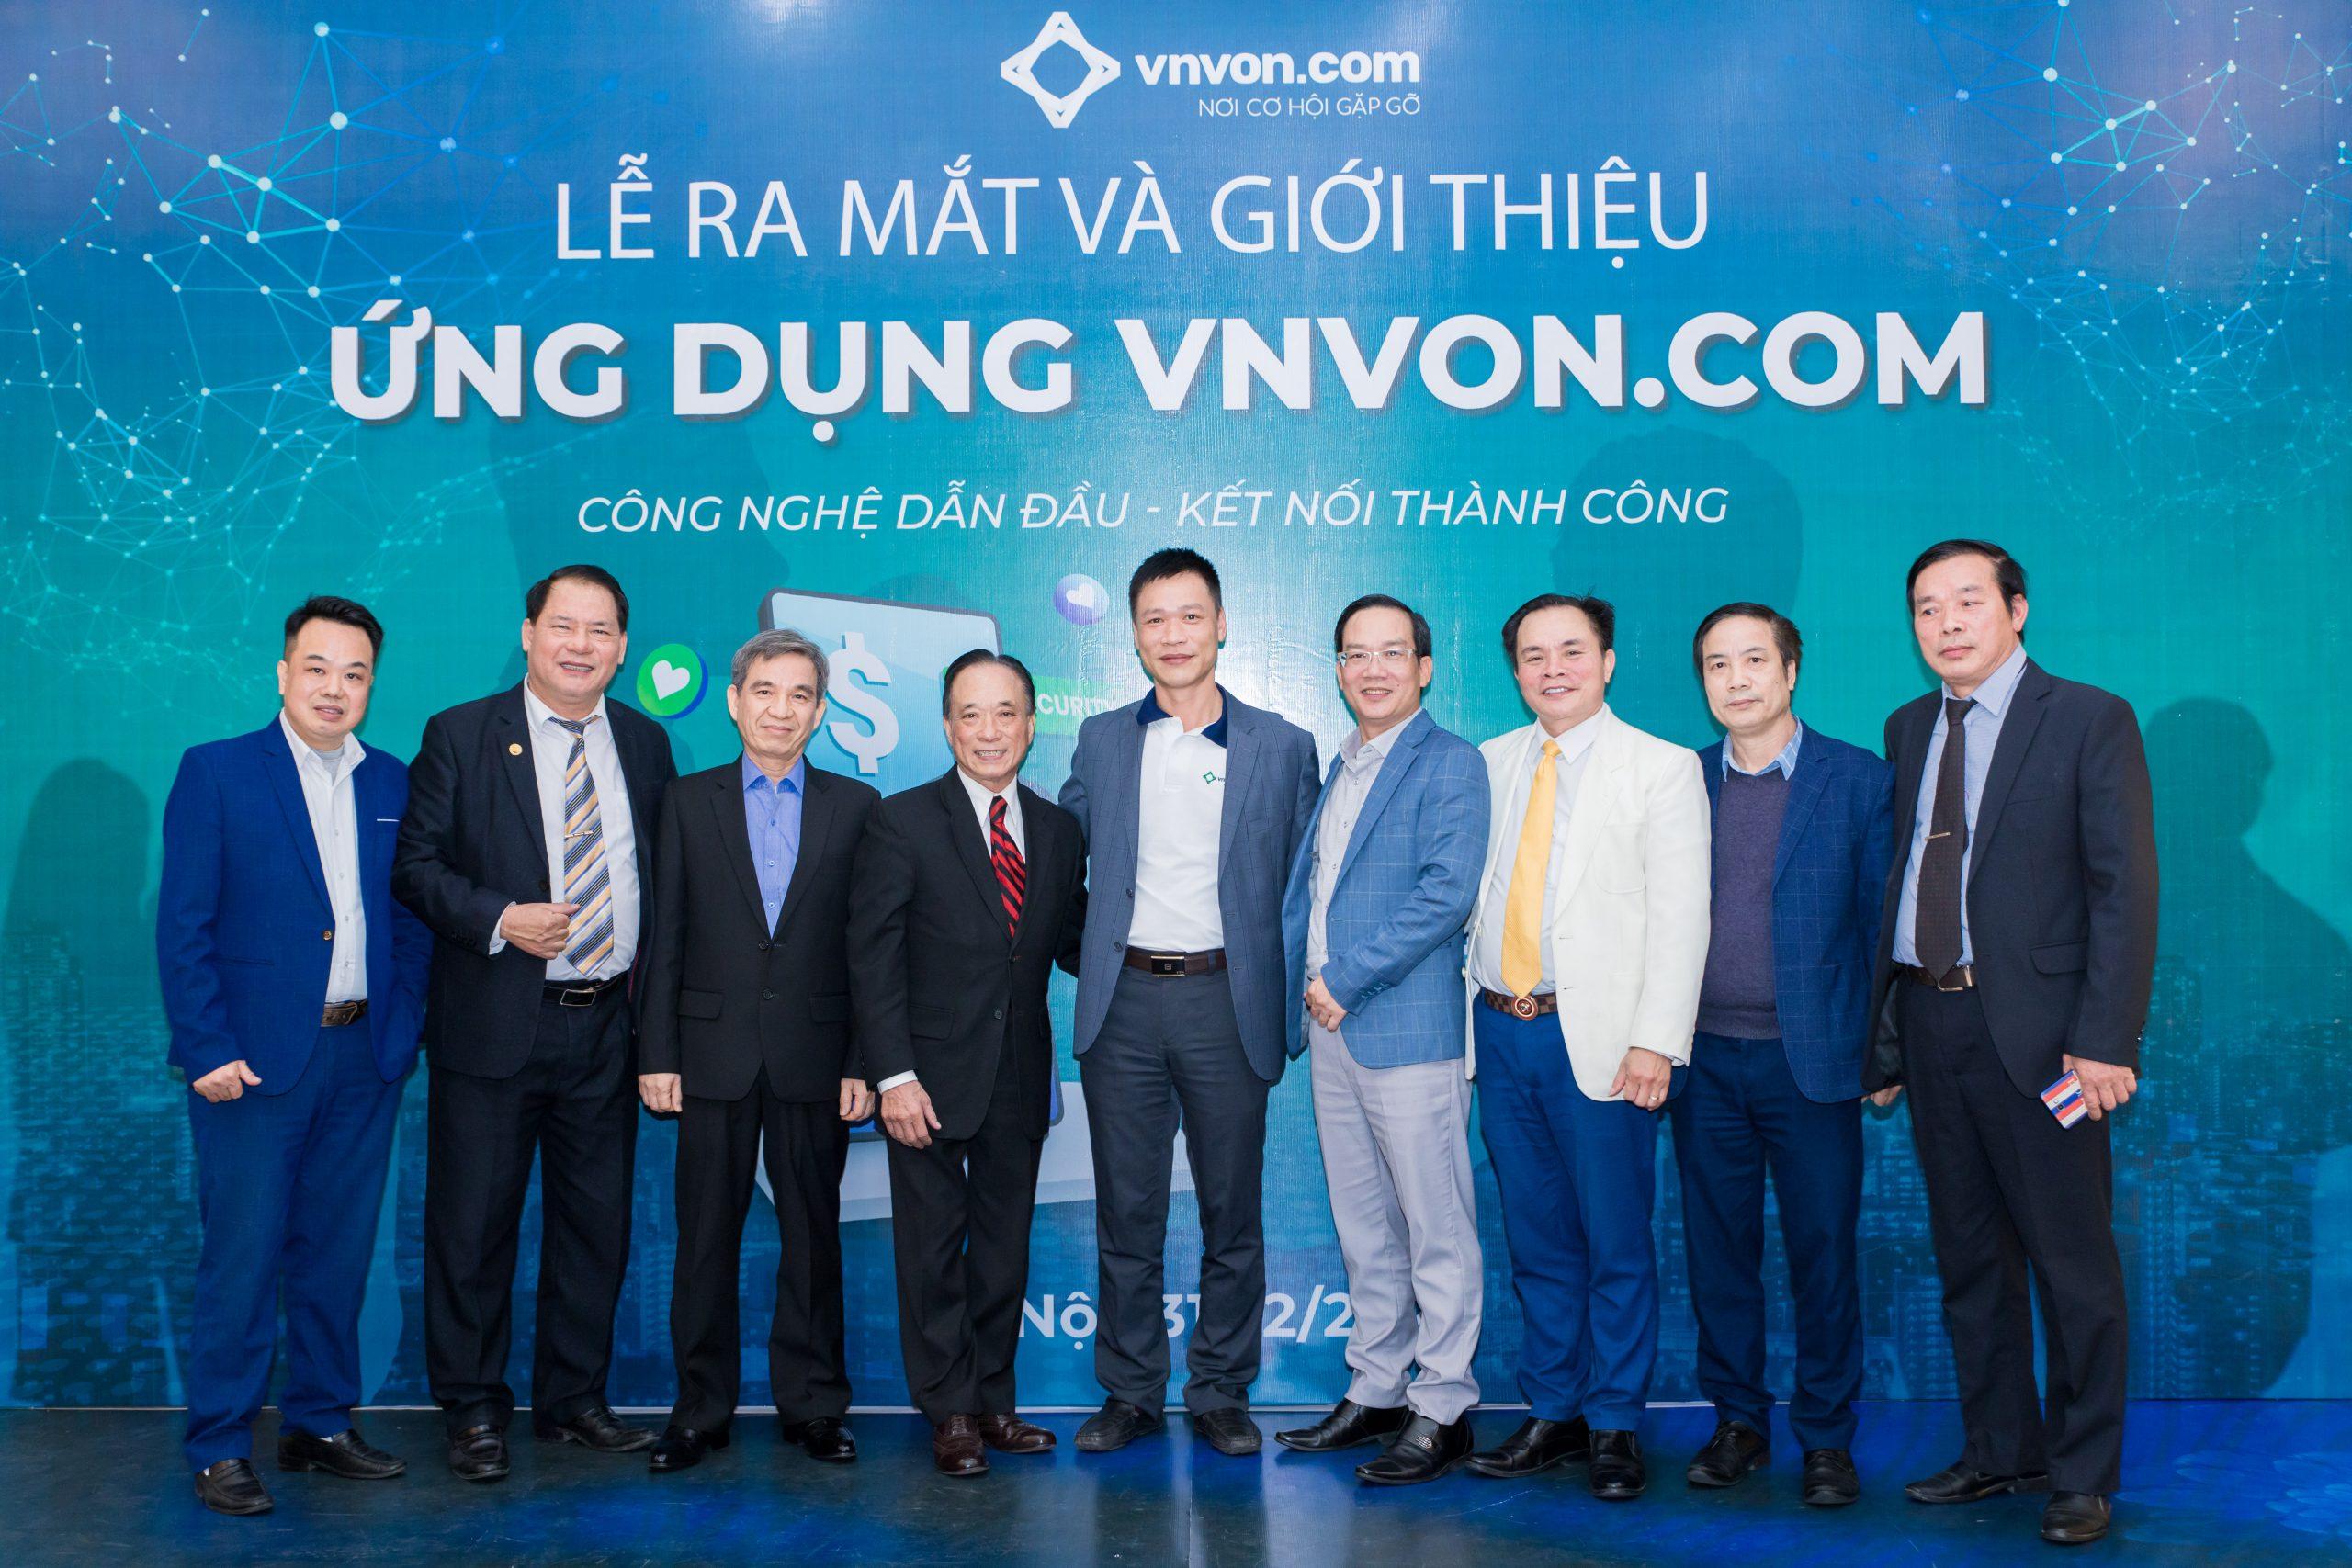 TOÀN CẢNH SỰ KIỆN RA MẮT ỨNG DỤNG ĐẦU TƯ VNVON.COM